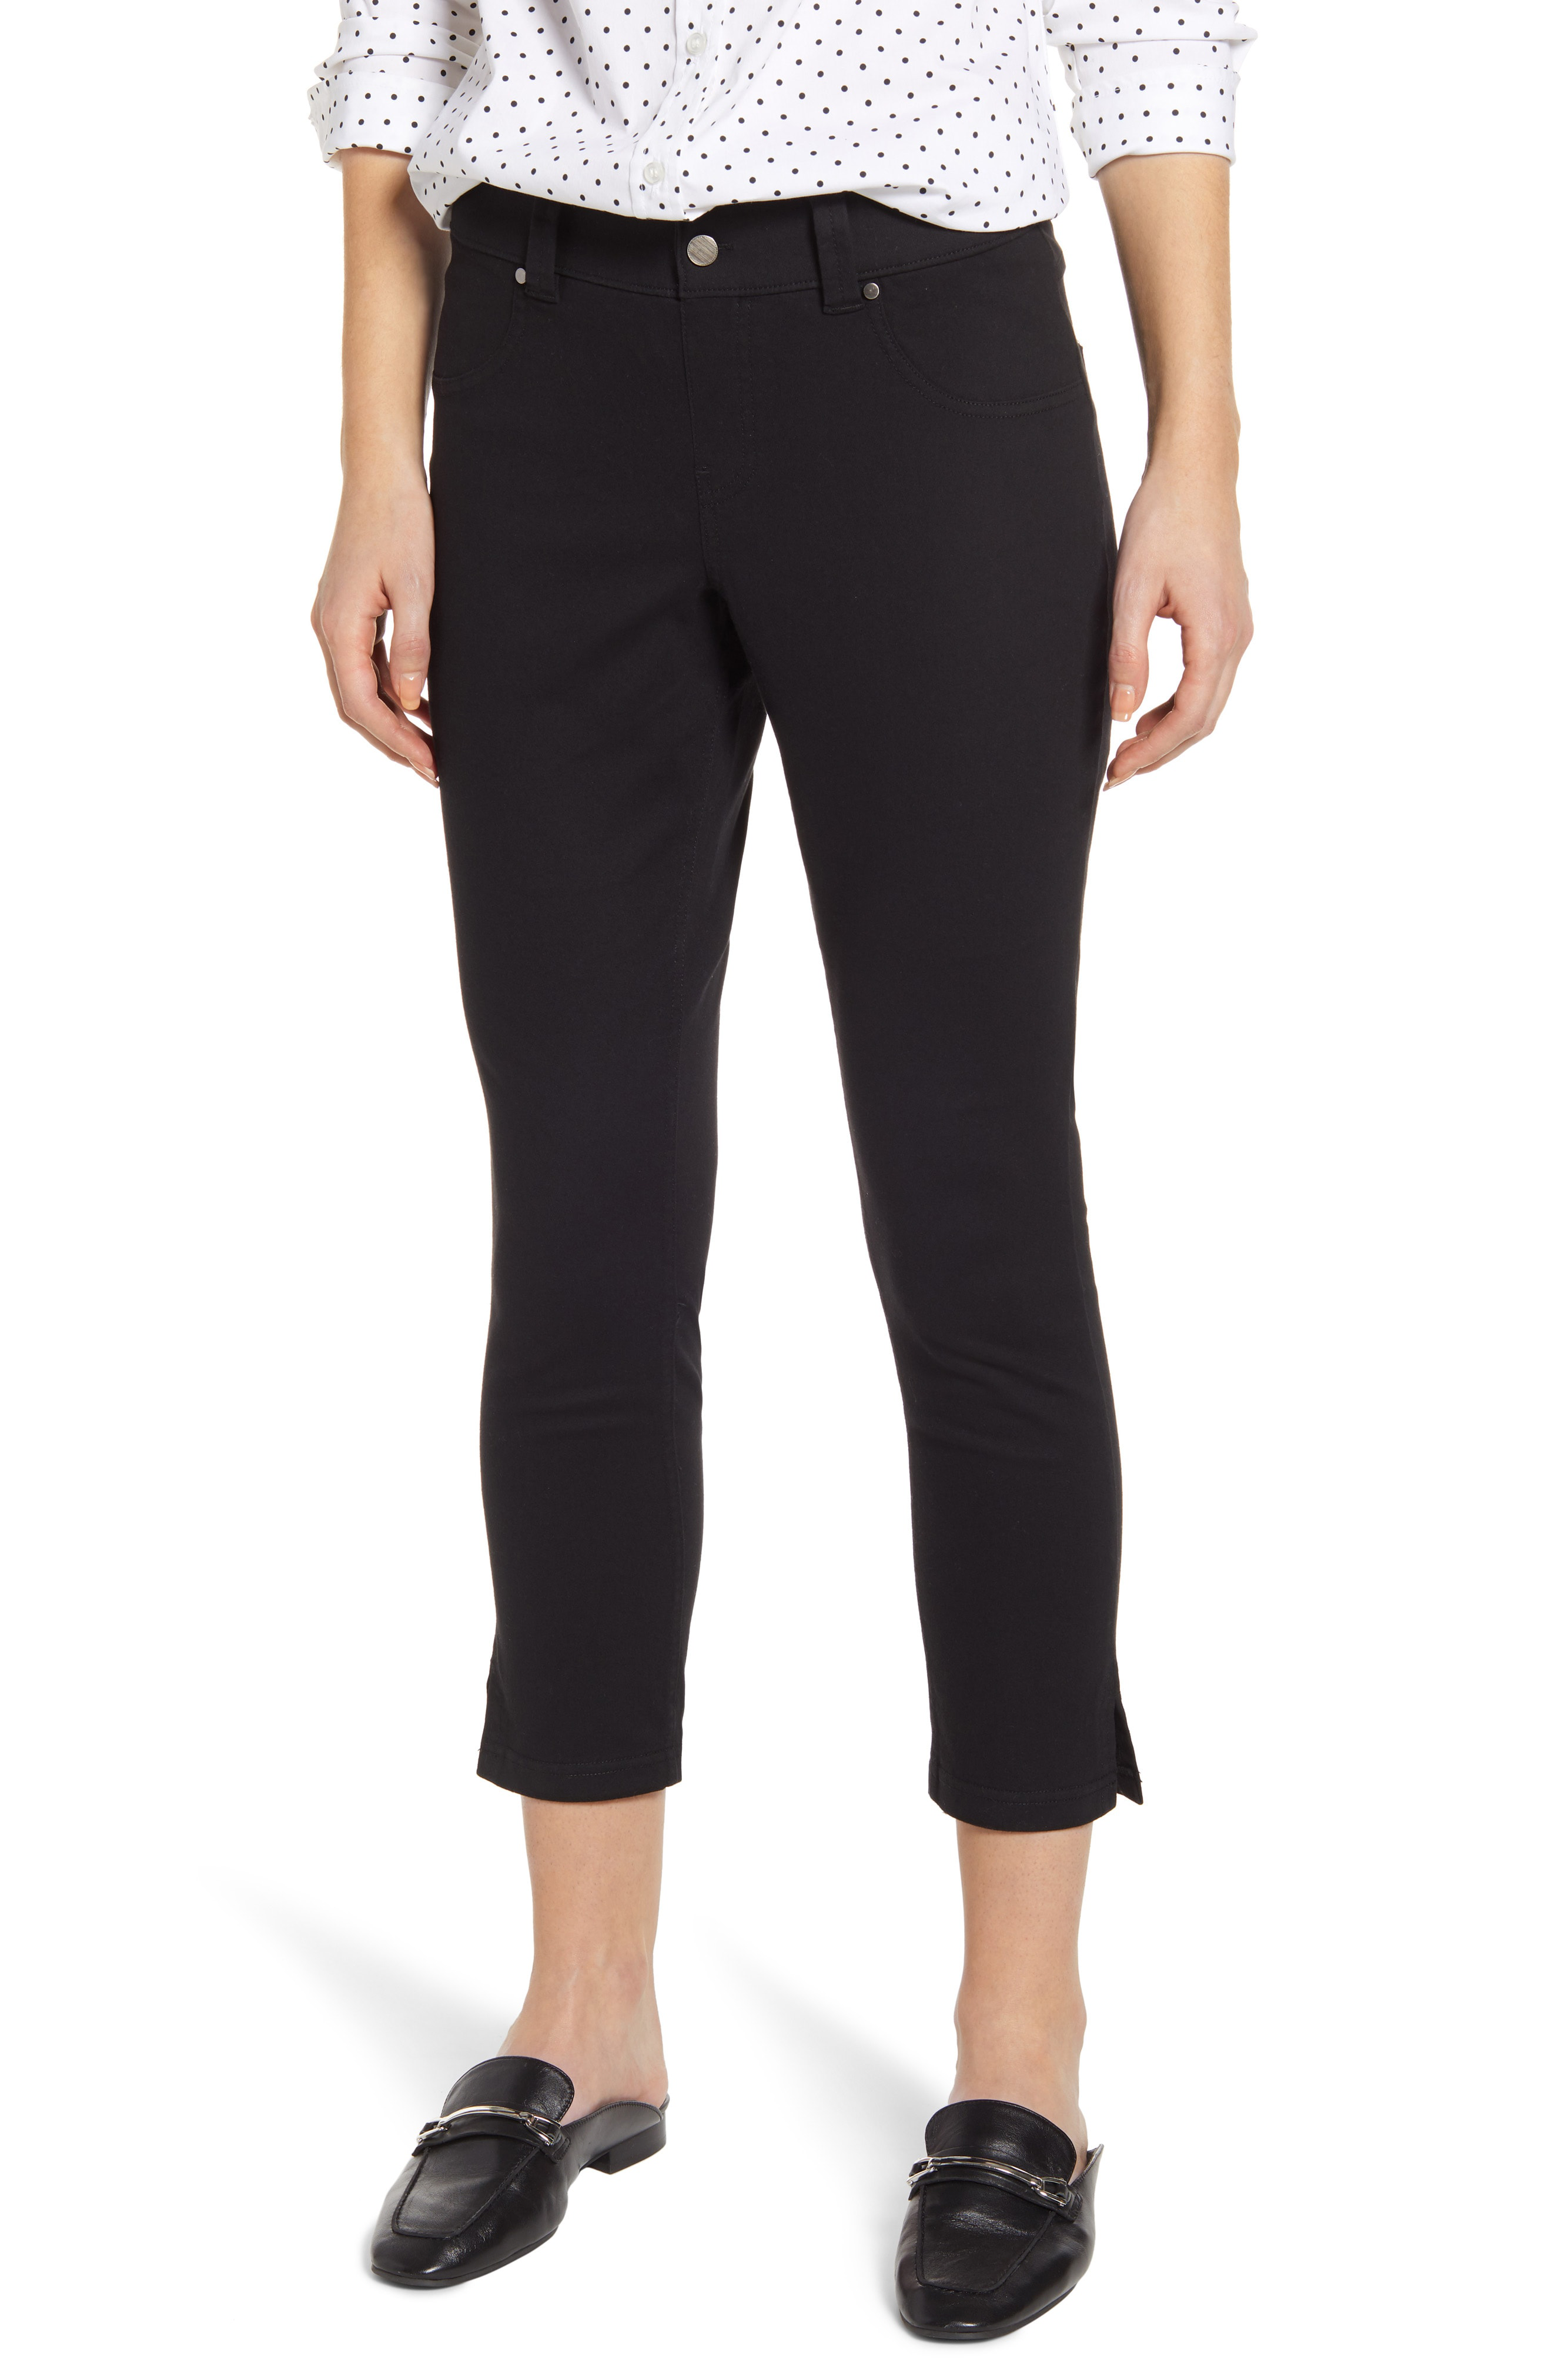 803ab14f3ed44 Hue Slit Hem Capri Denim Leggings In Black | ModeSens